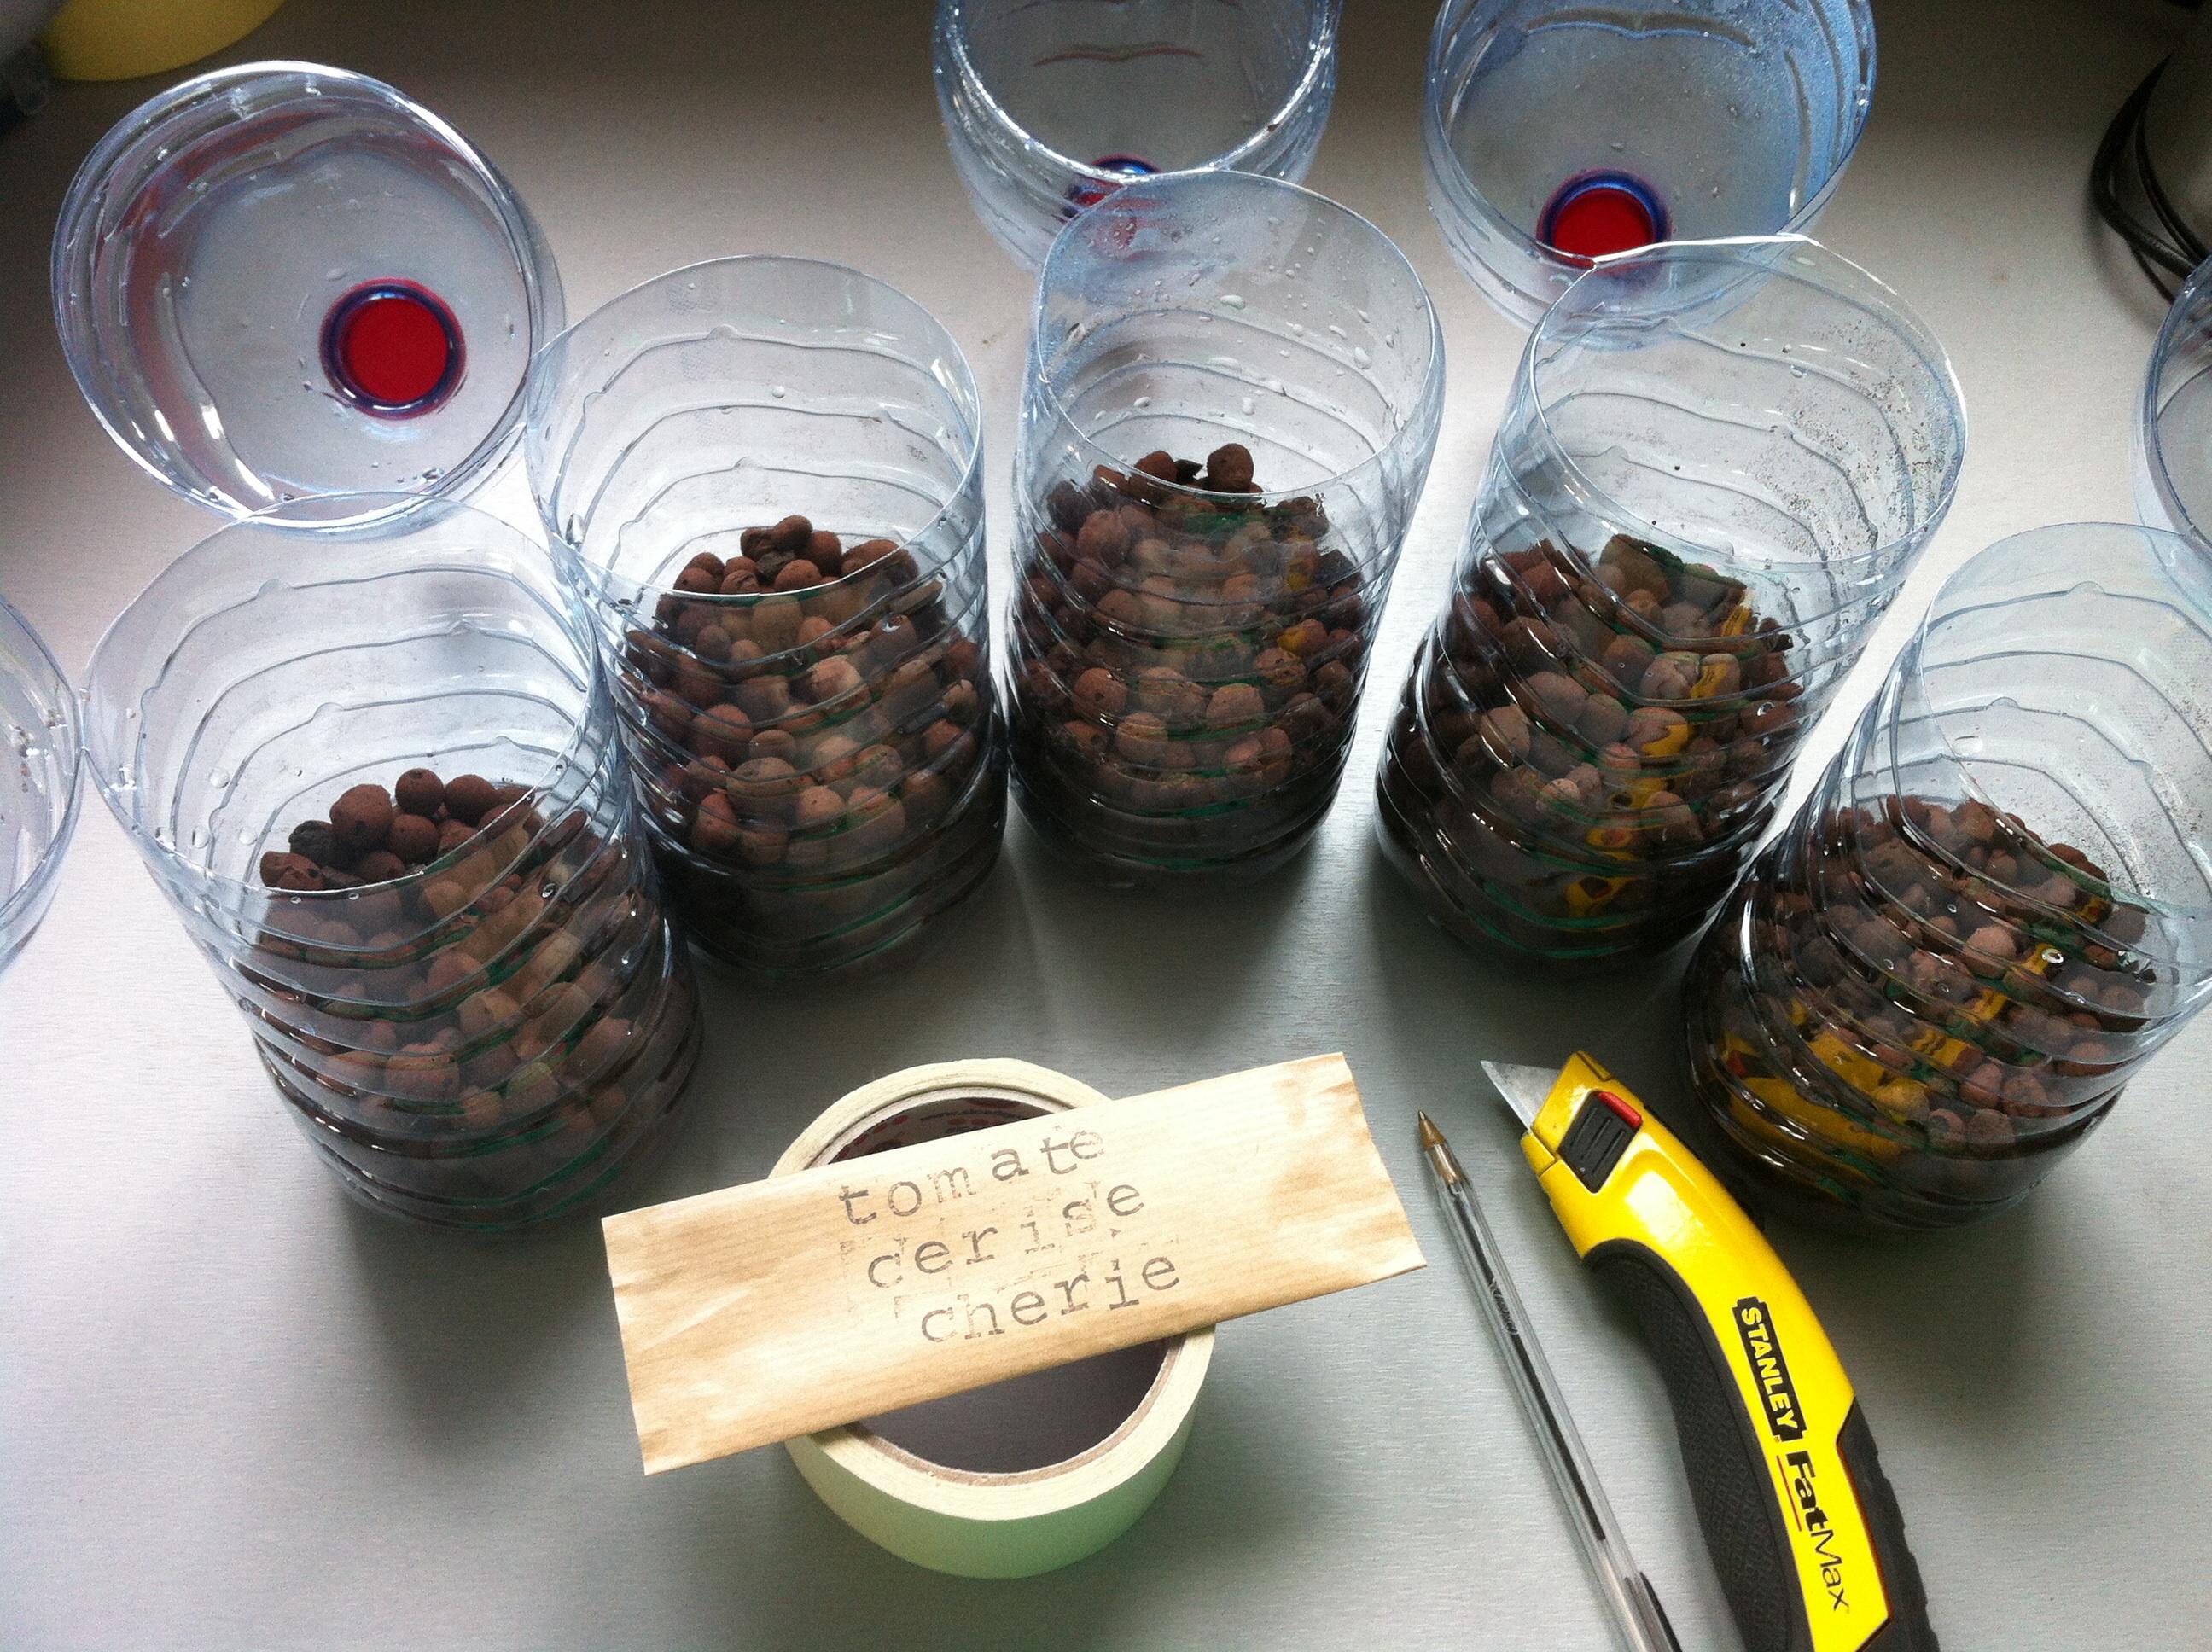 Nouvelle m thode pour mon semis de tomates en bouteille envie de nature - Un broc d eau ...